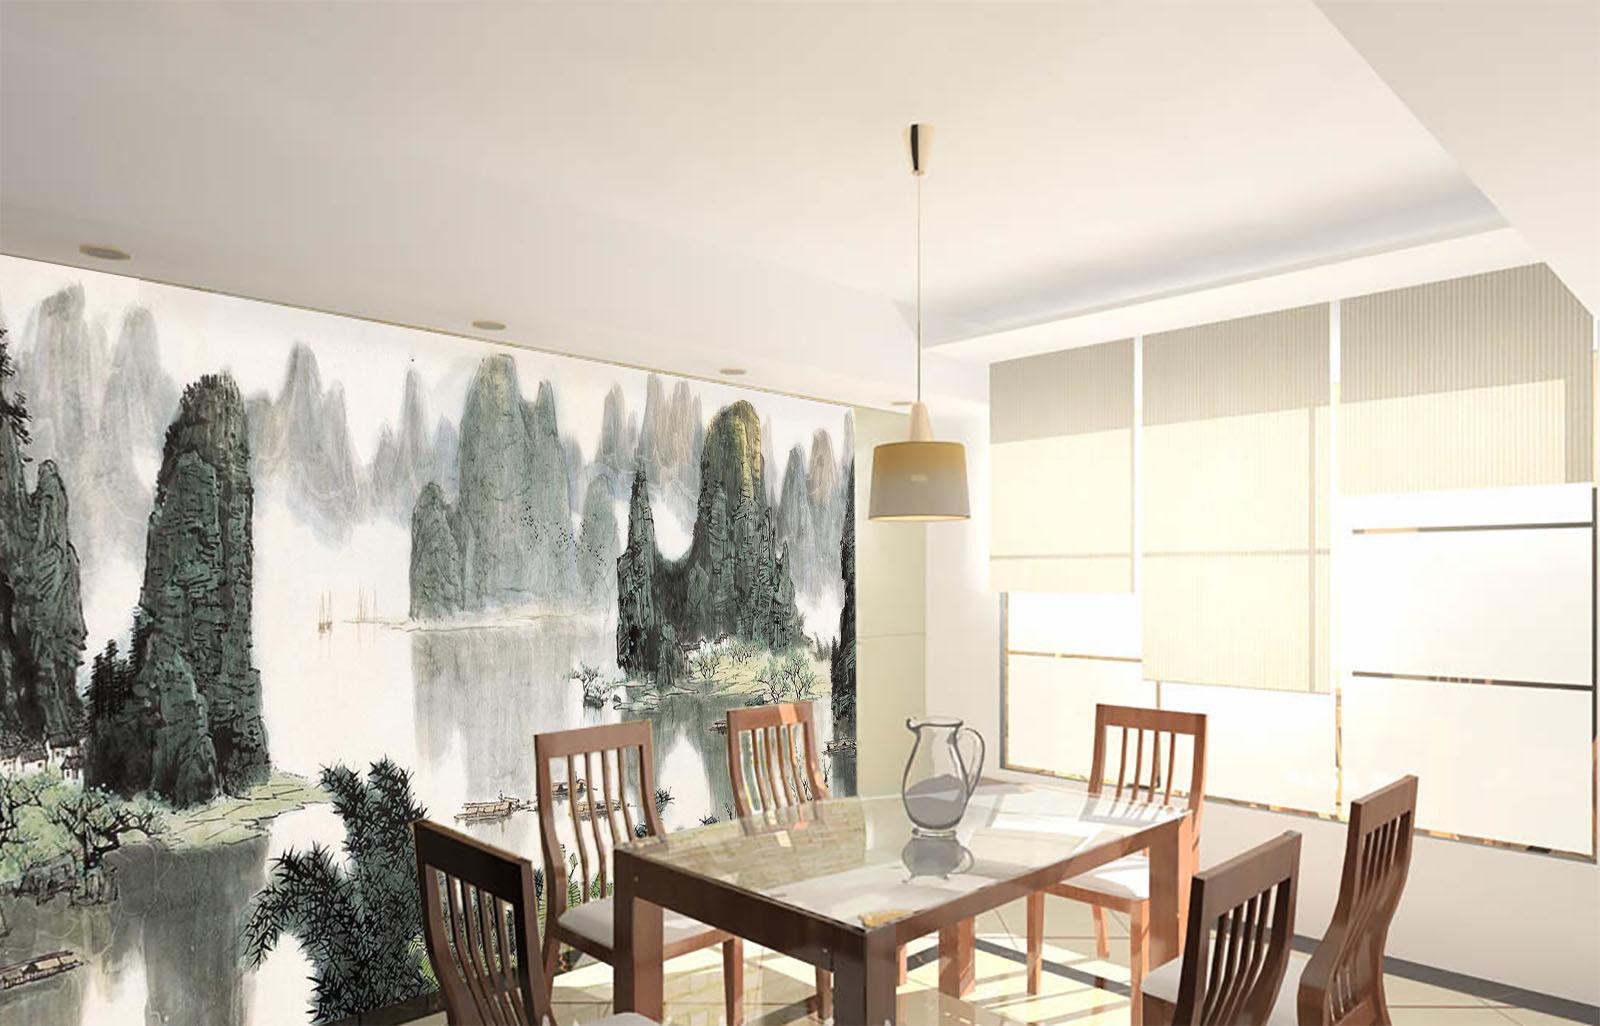 3D Landscape Draw 72 Wall Paper Murals Wall Print Wall Wallpaper Mural AU Summer